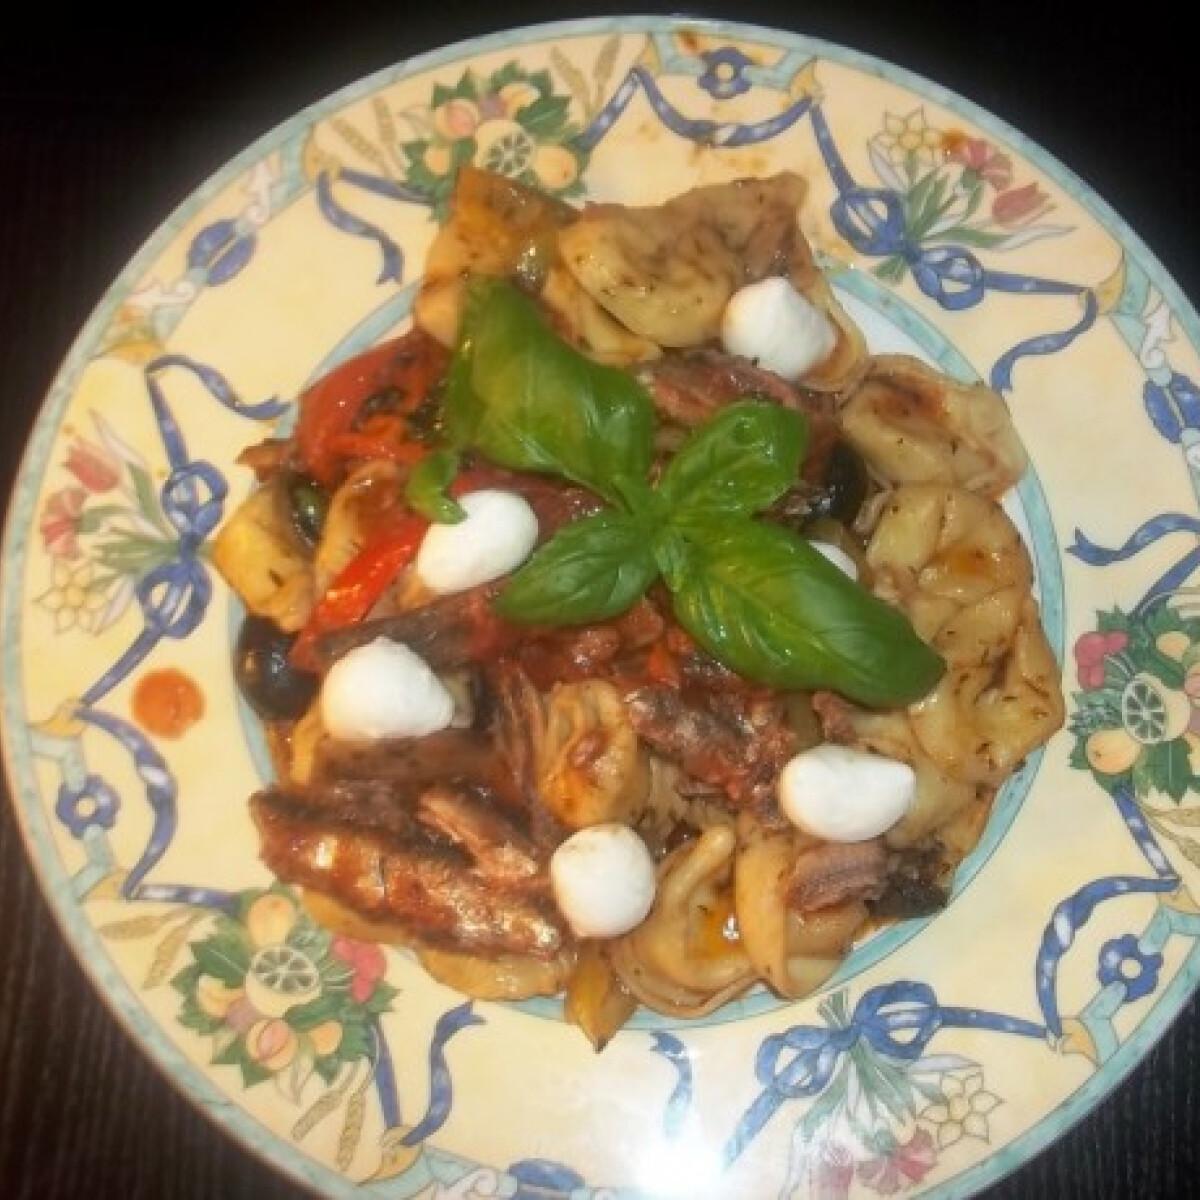 Ezen a képen: Sajtos tortellini paradicsomos szardíniával és mozzarellával